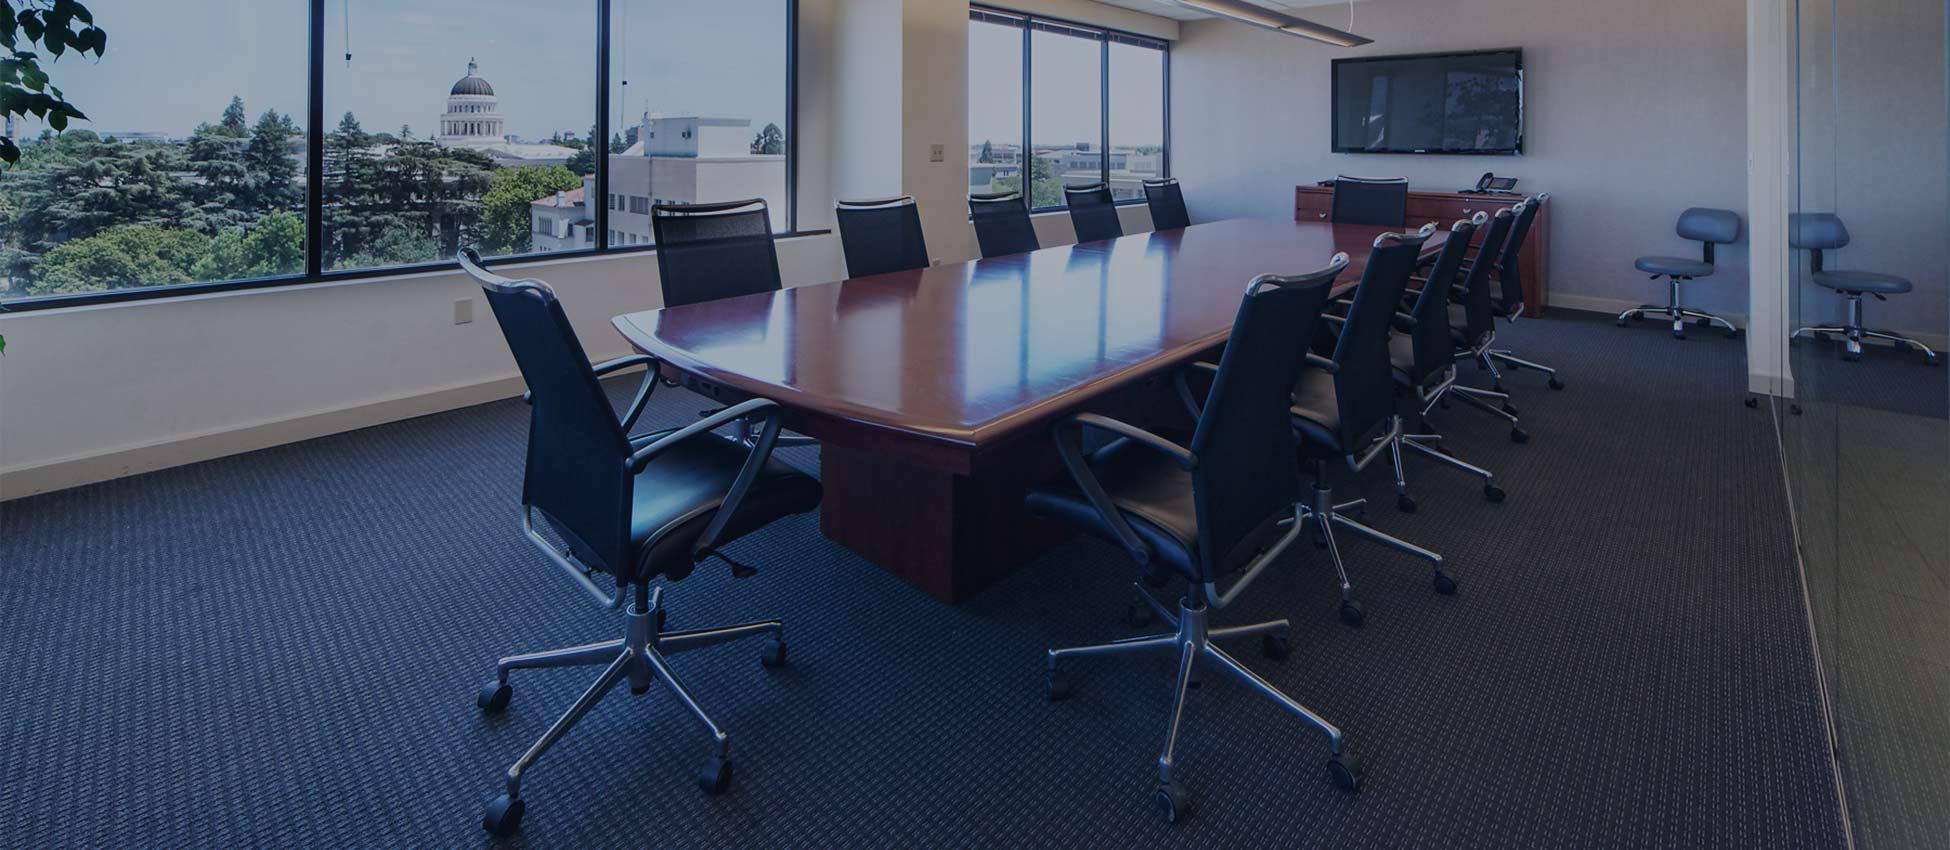 pacific-workplaces-sacramento-capitol-boardroom